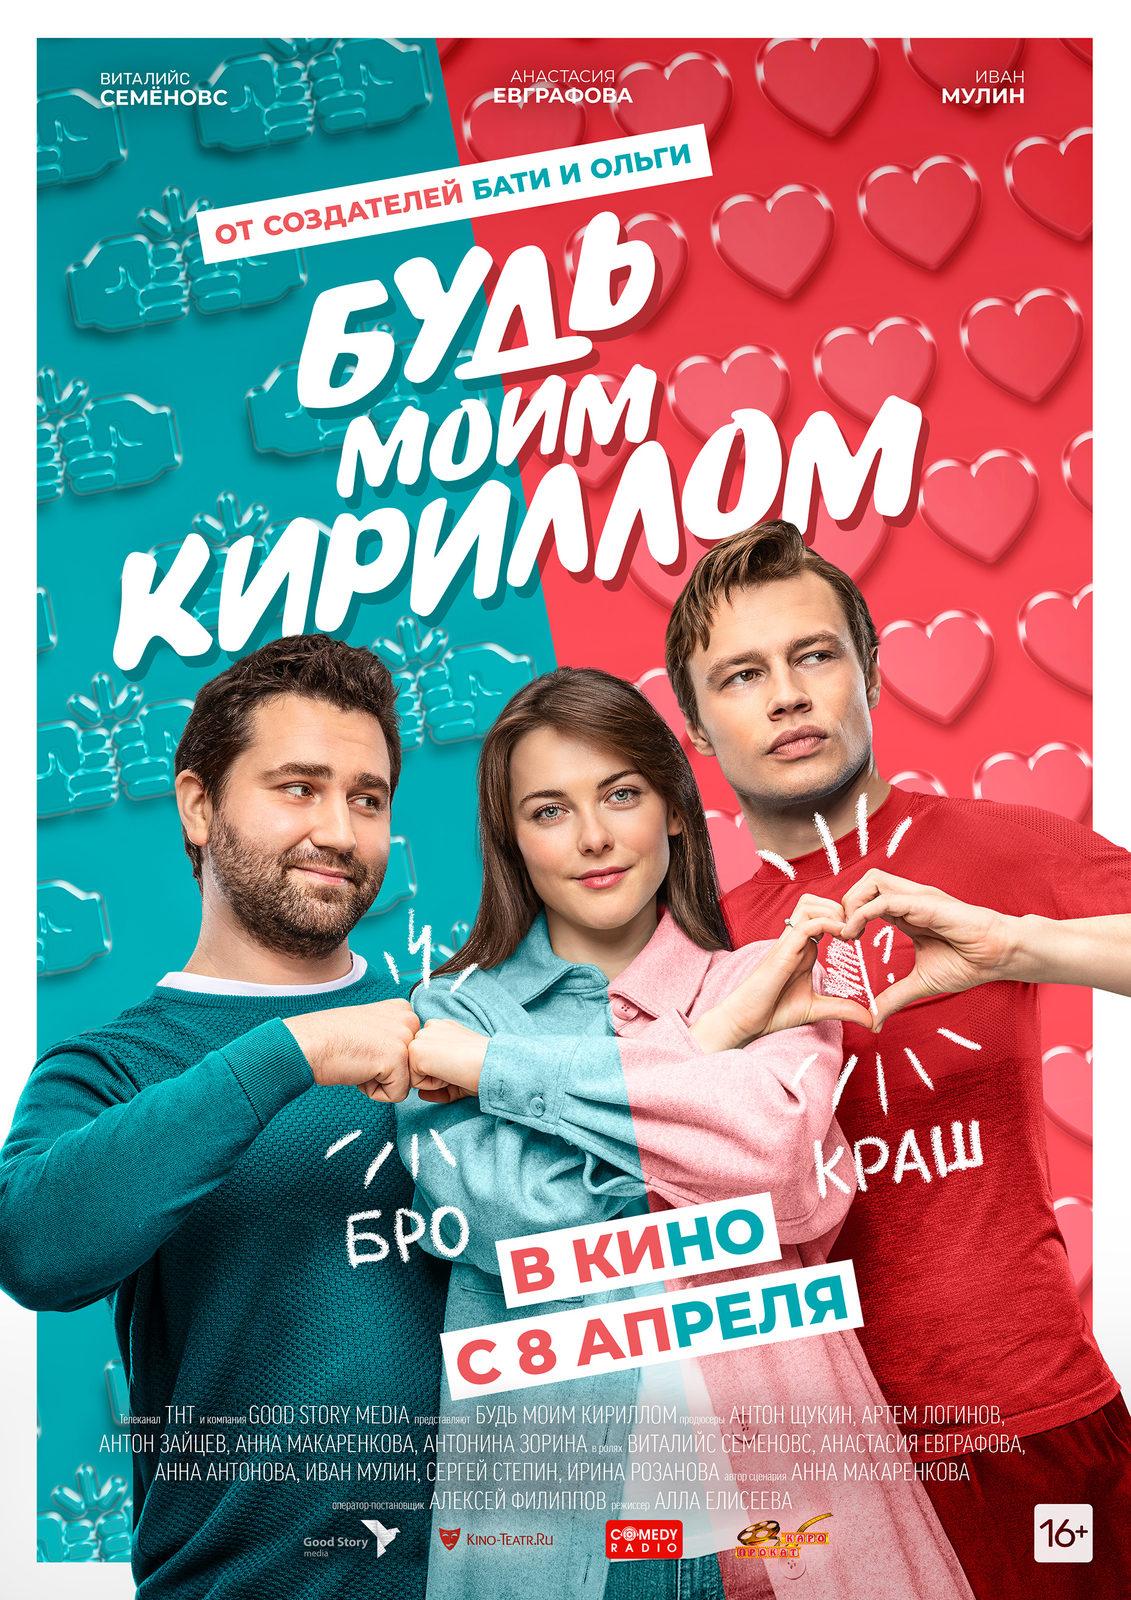 Иван Мулин стал воображаемым парнем Анастасии Евграфовой в трейлере комедии «Будь моим Кириллом»